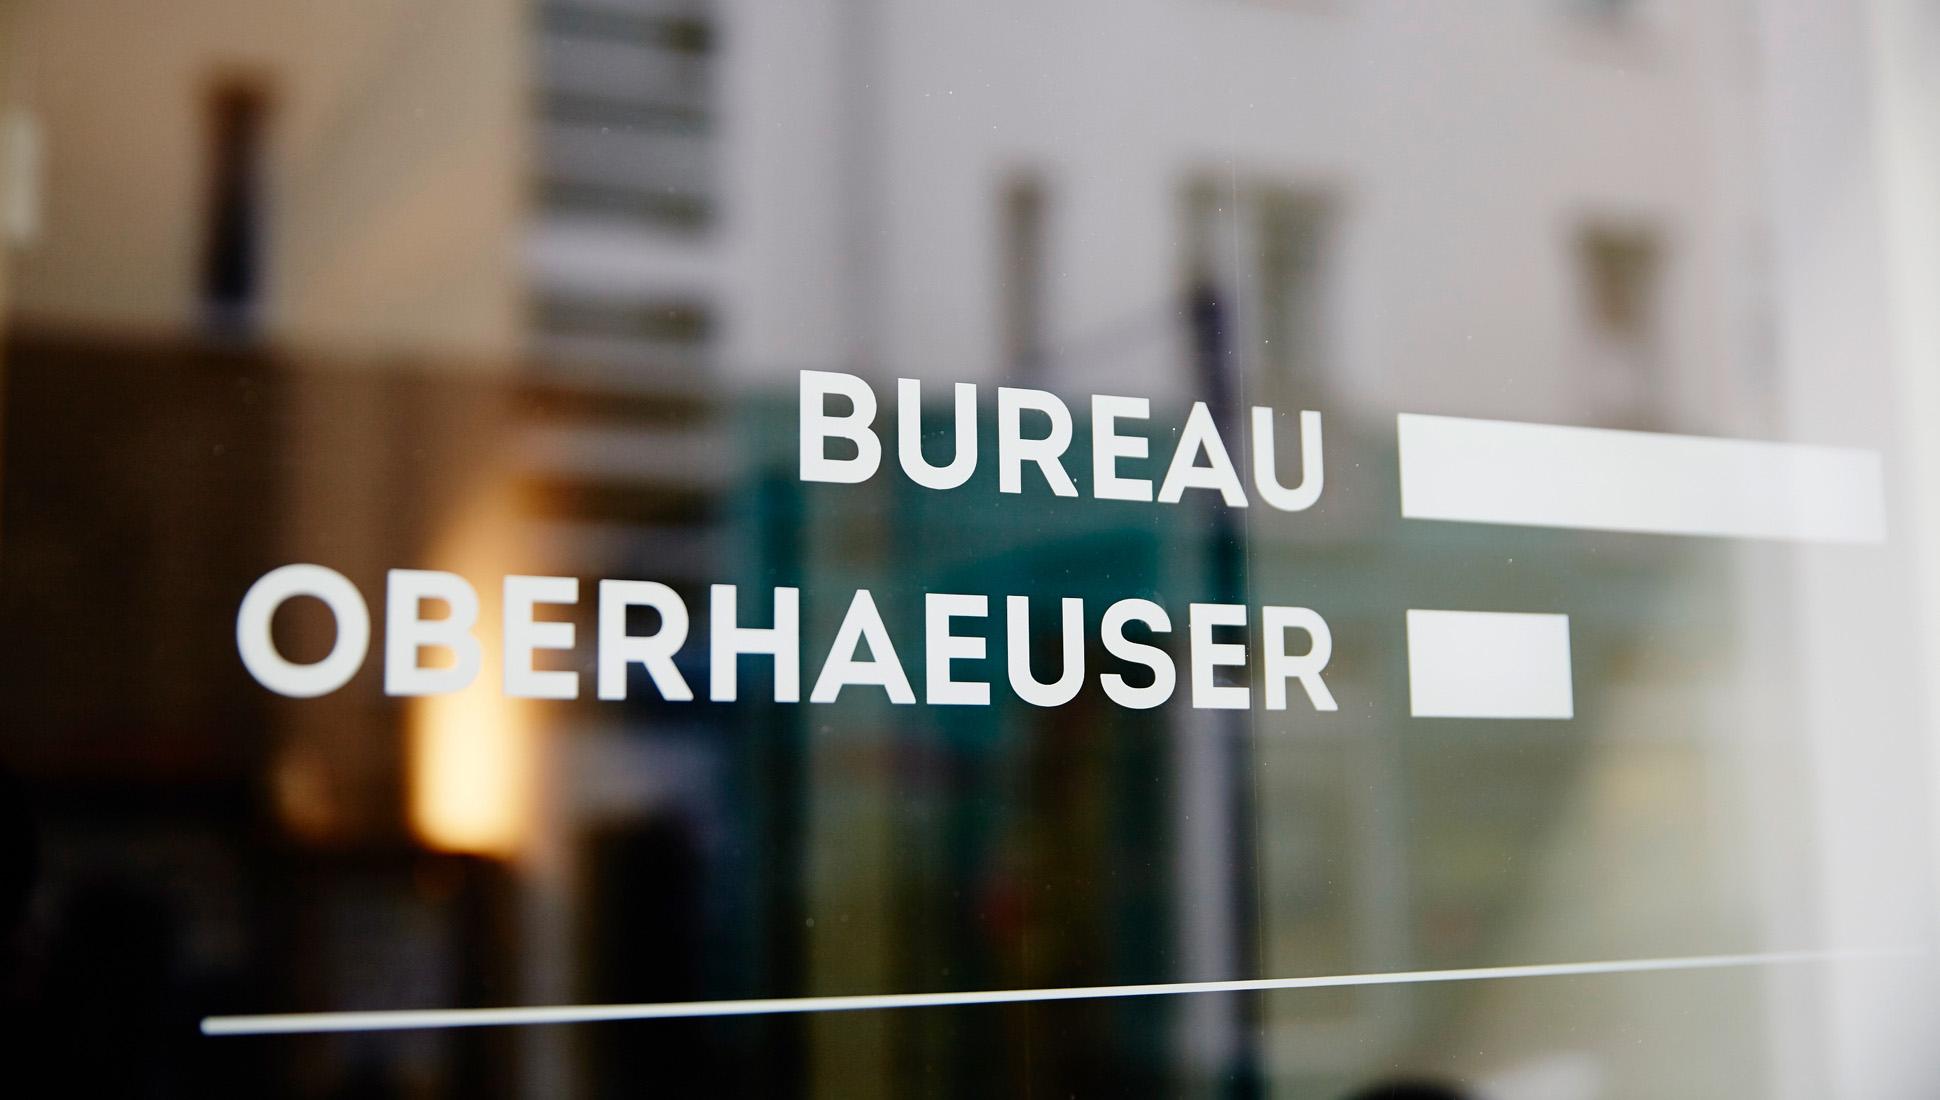 Bureau Oberhaeuser